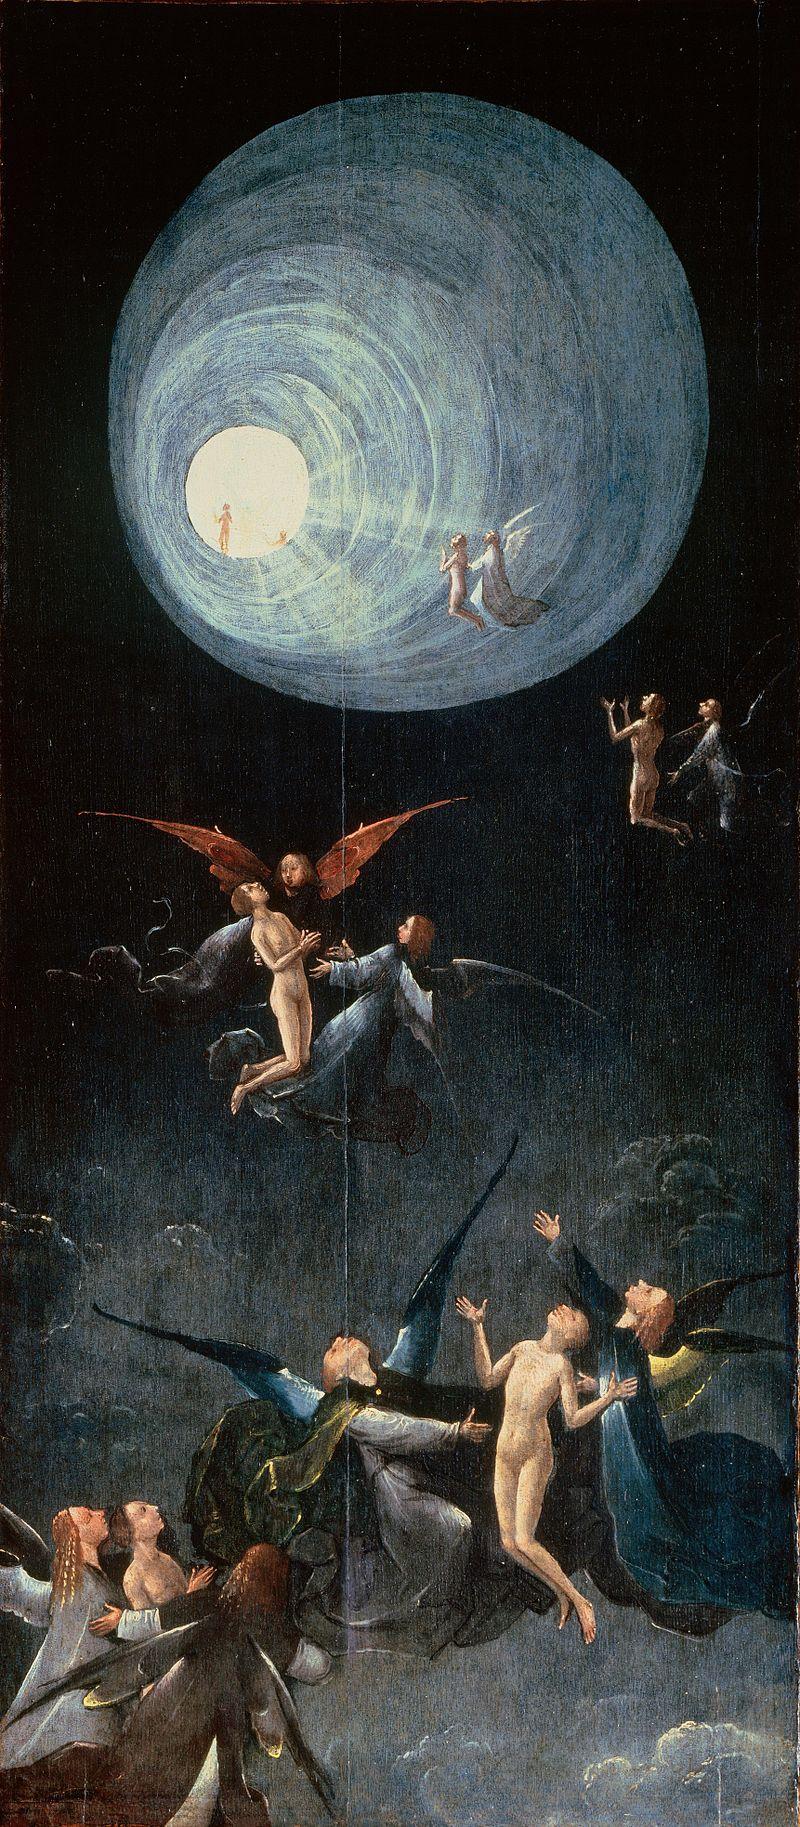 """""""Ανάληψη ευλογημένων"""", πίνακας του Ολλανδού ζωγράφου Hieronymus Bosch (1450 - 1516), που σχετίζεται με την μεταθανάτια εμπειρία, σύμφωνα με ερευνητές"""